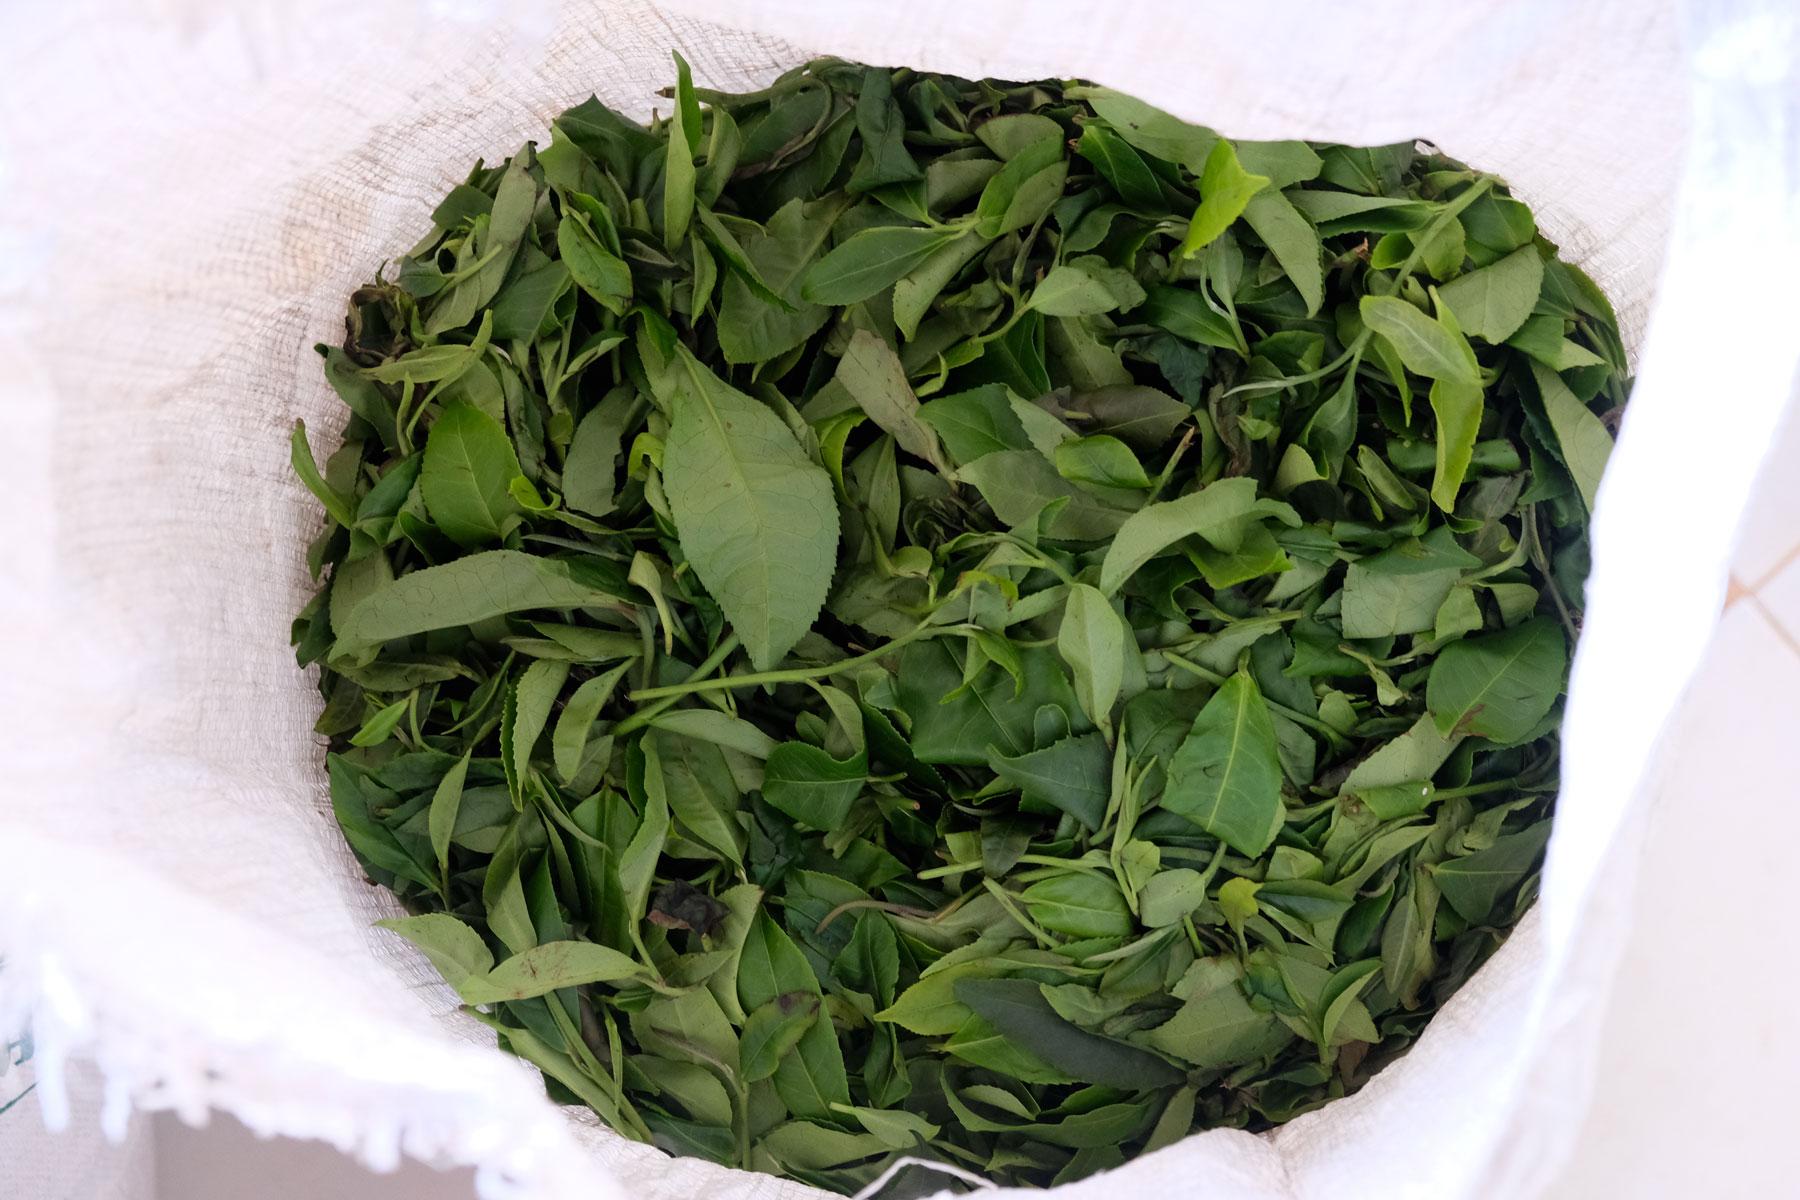 Ein weißer Sack voller frischer grüner Teeblätter.